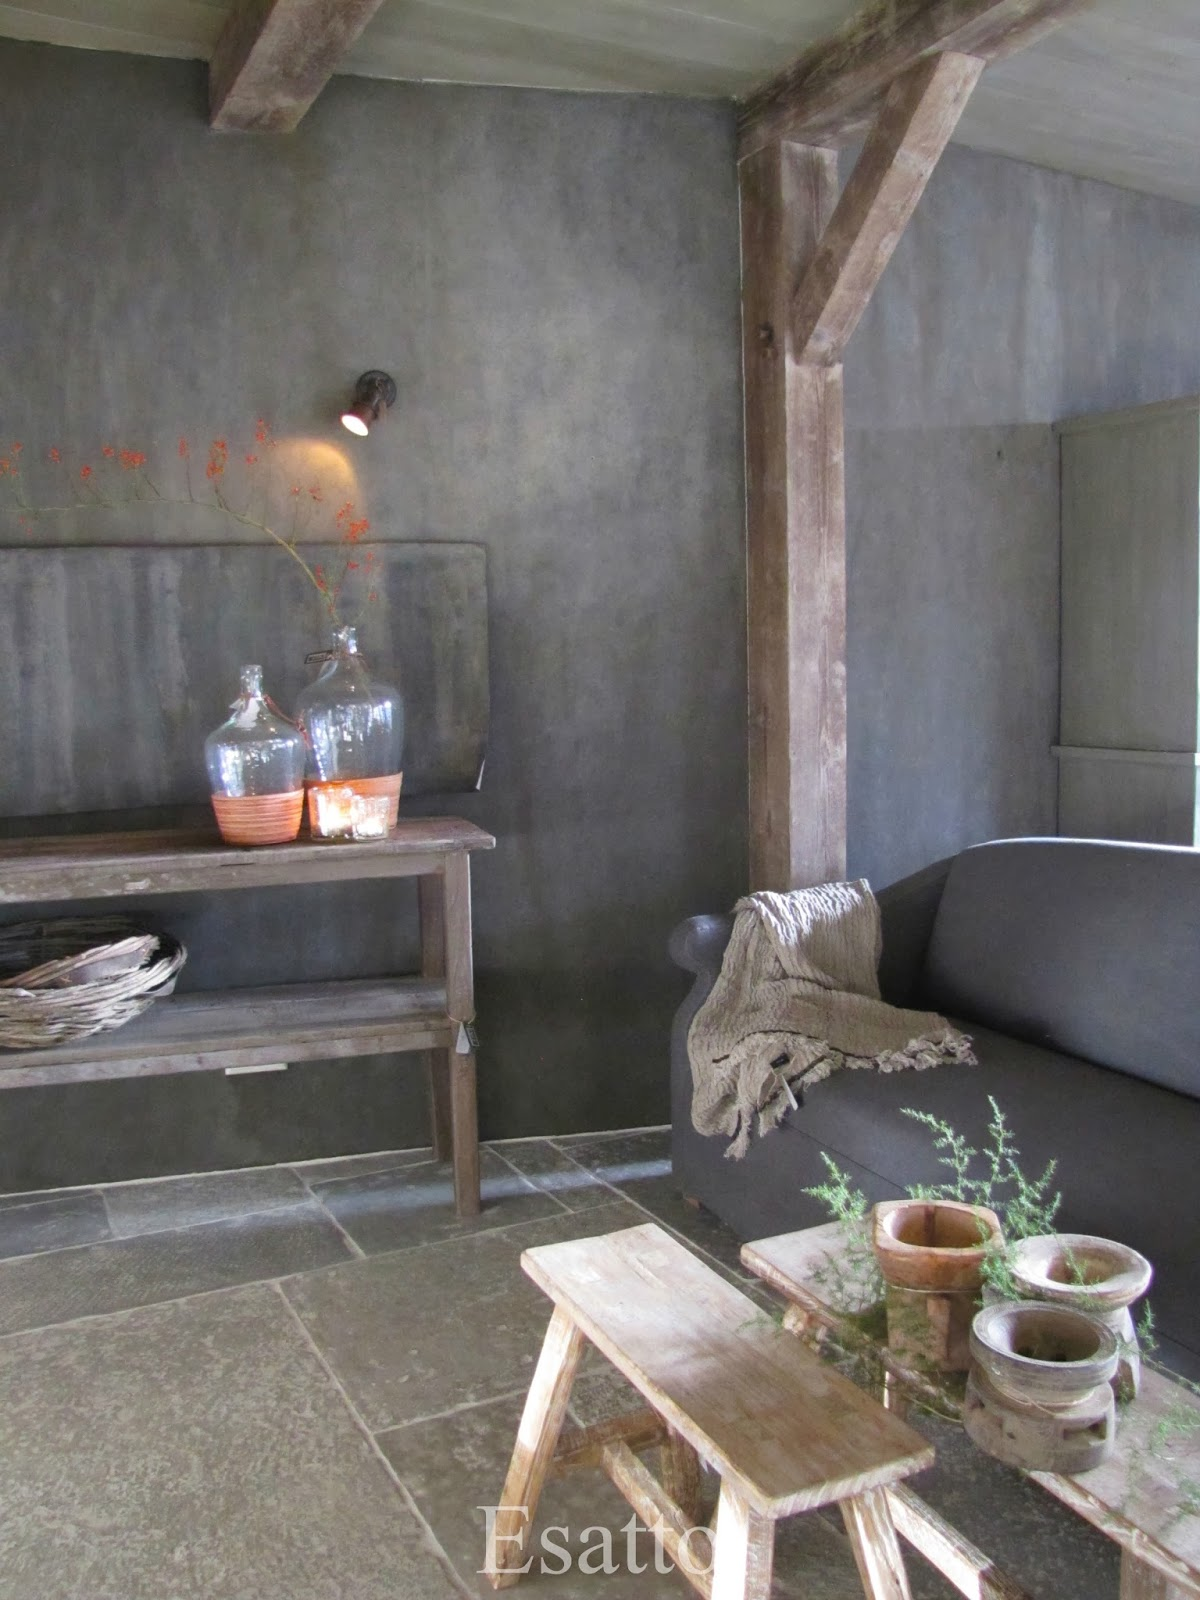 Nieuwe woonkamer kleuren: bouwen van een huis d kamer inrichten.